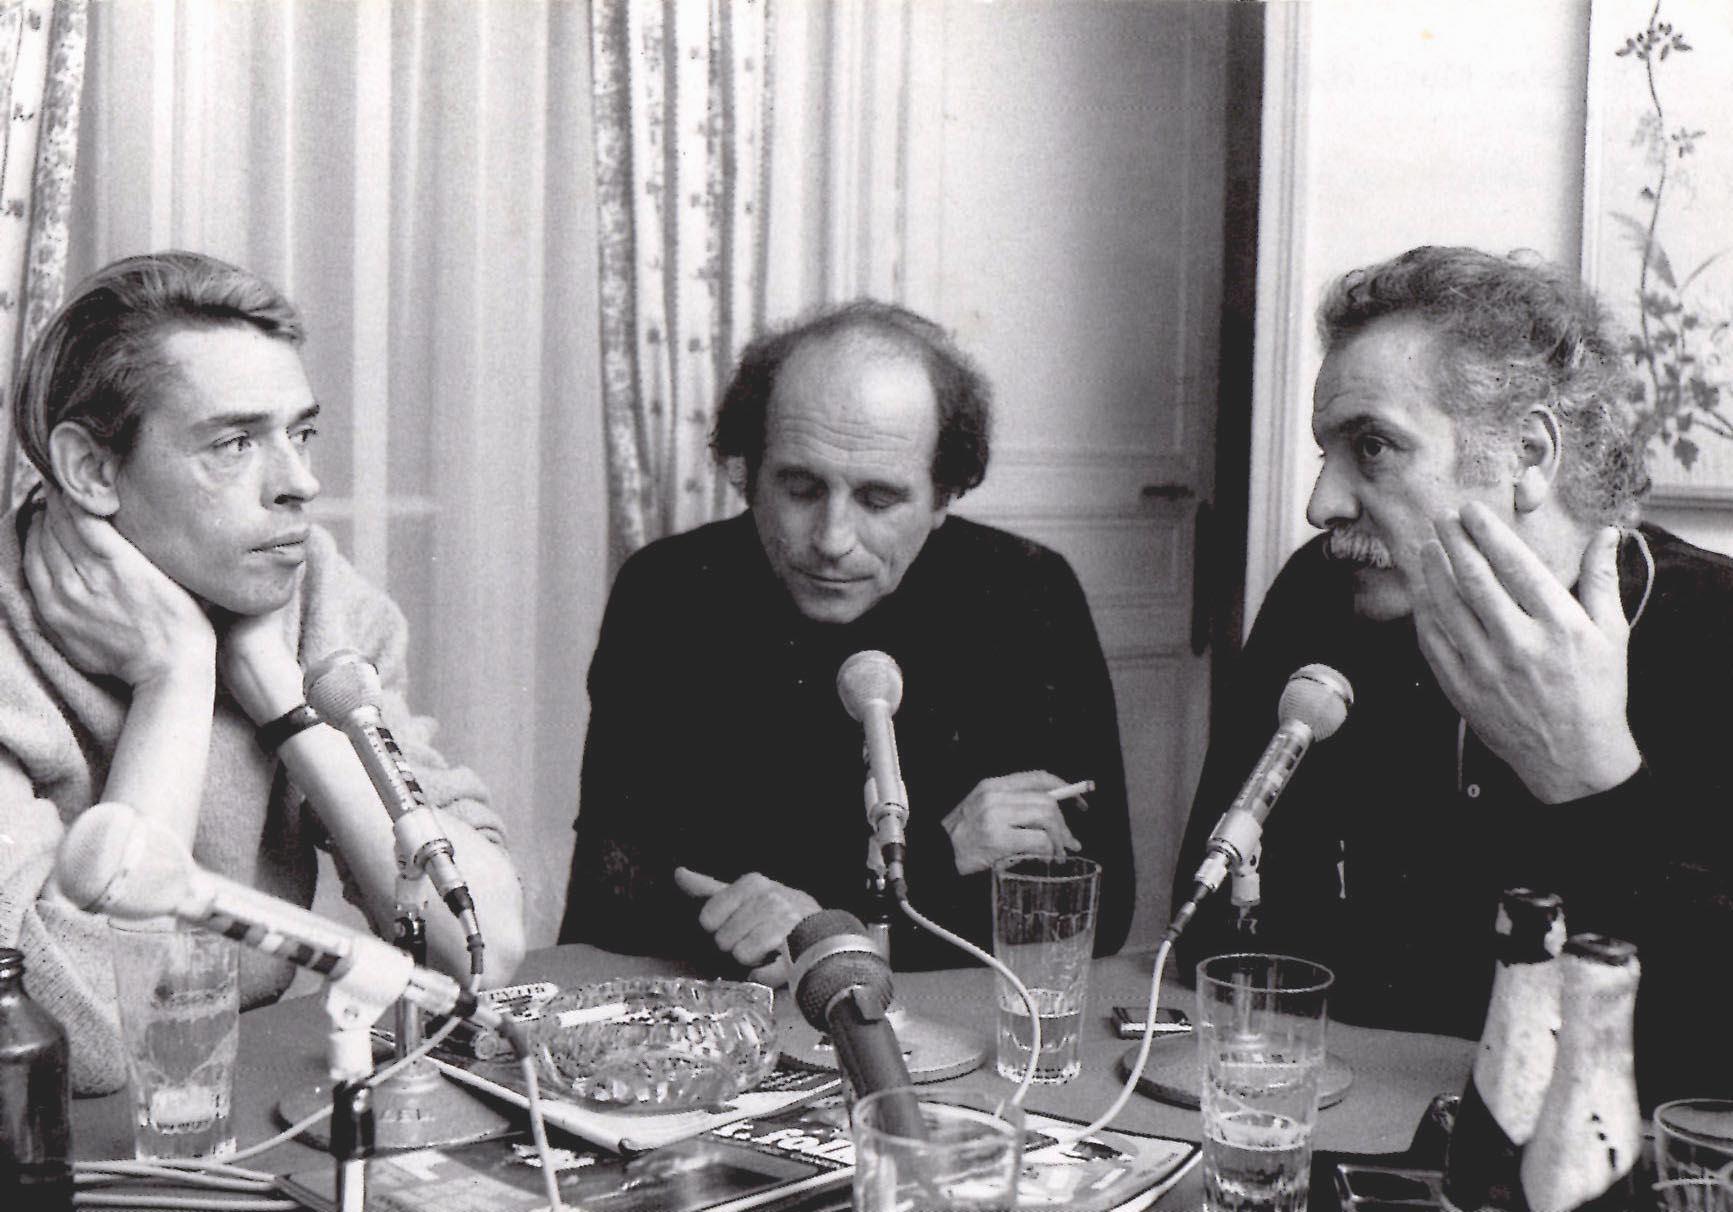 Brel, Ferré, Brassens by JEAN PIERRE LELOIR 1969